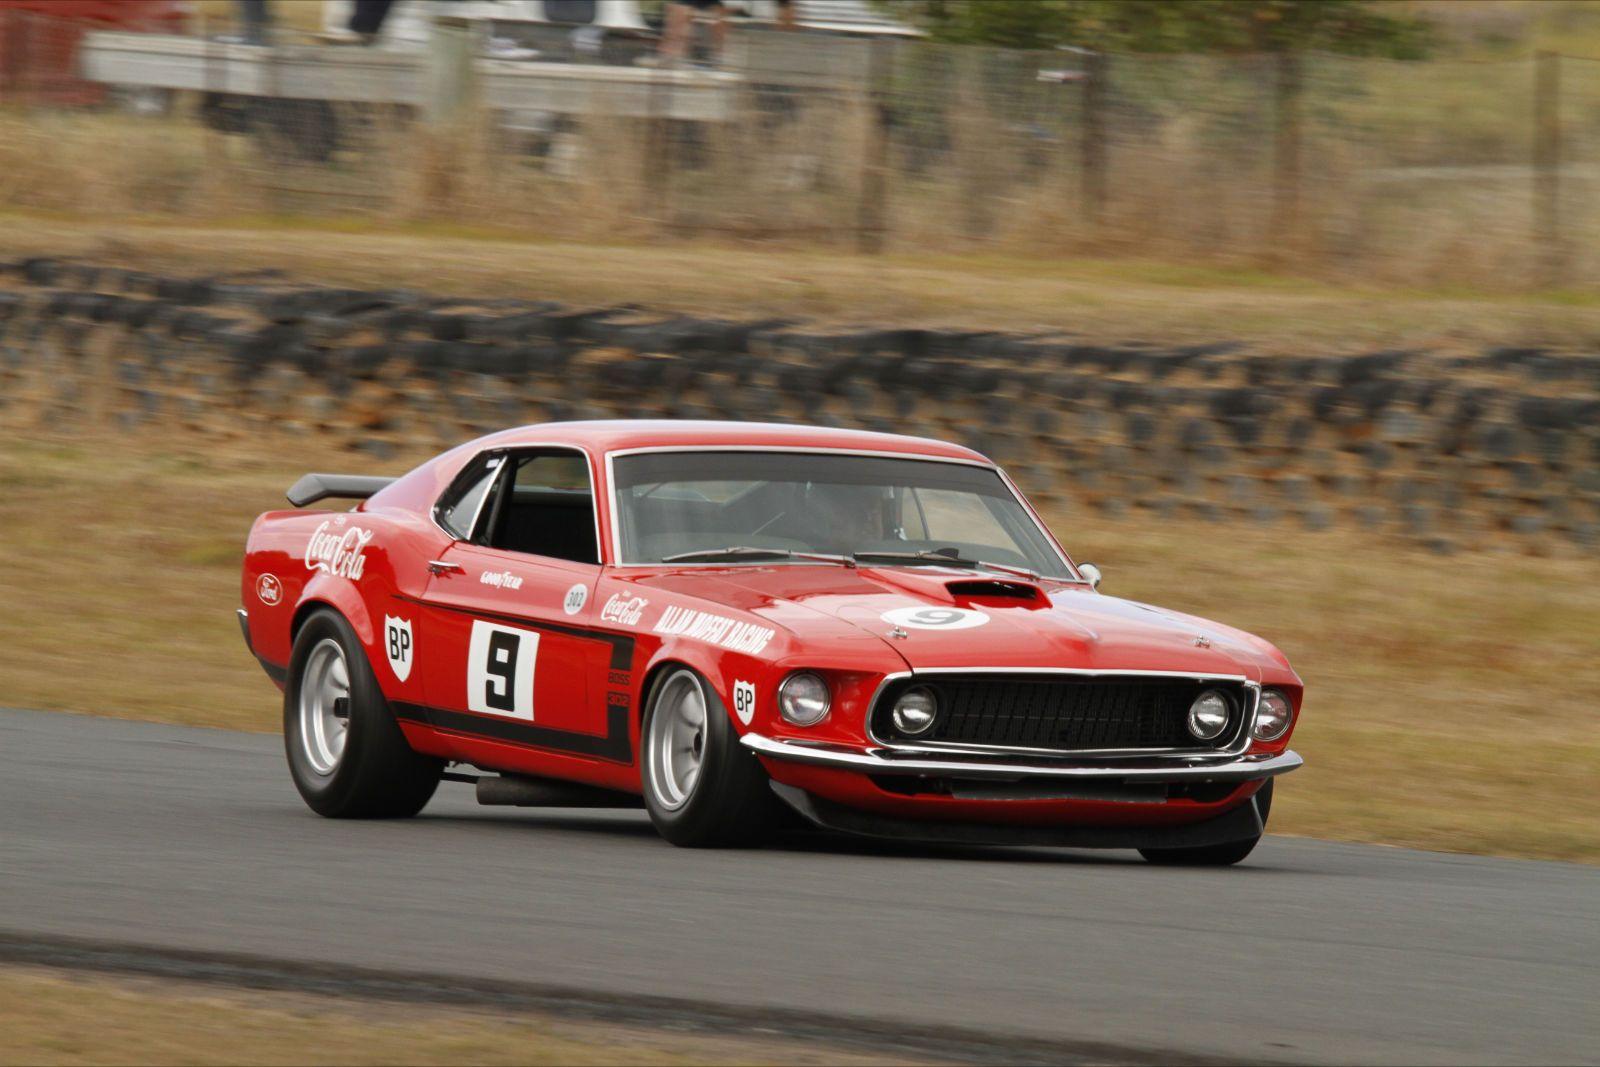 The Kar Kraft prepared Boss 302 Trans Am Ford Mustang of Allan ...